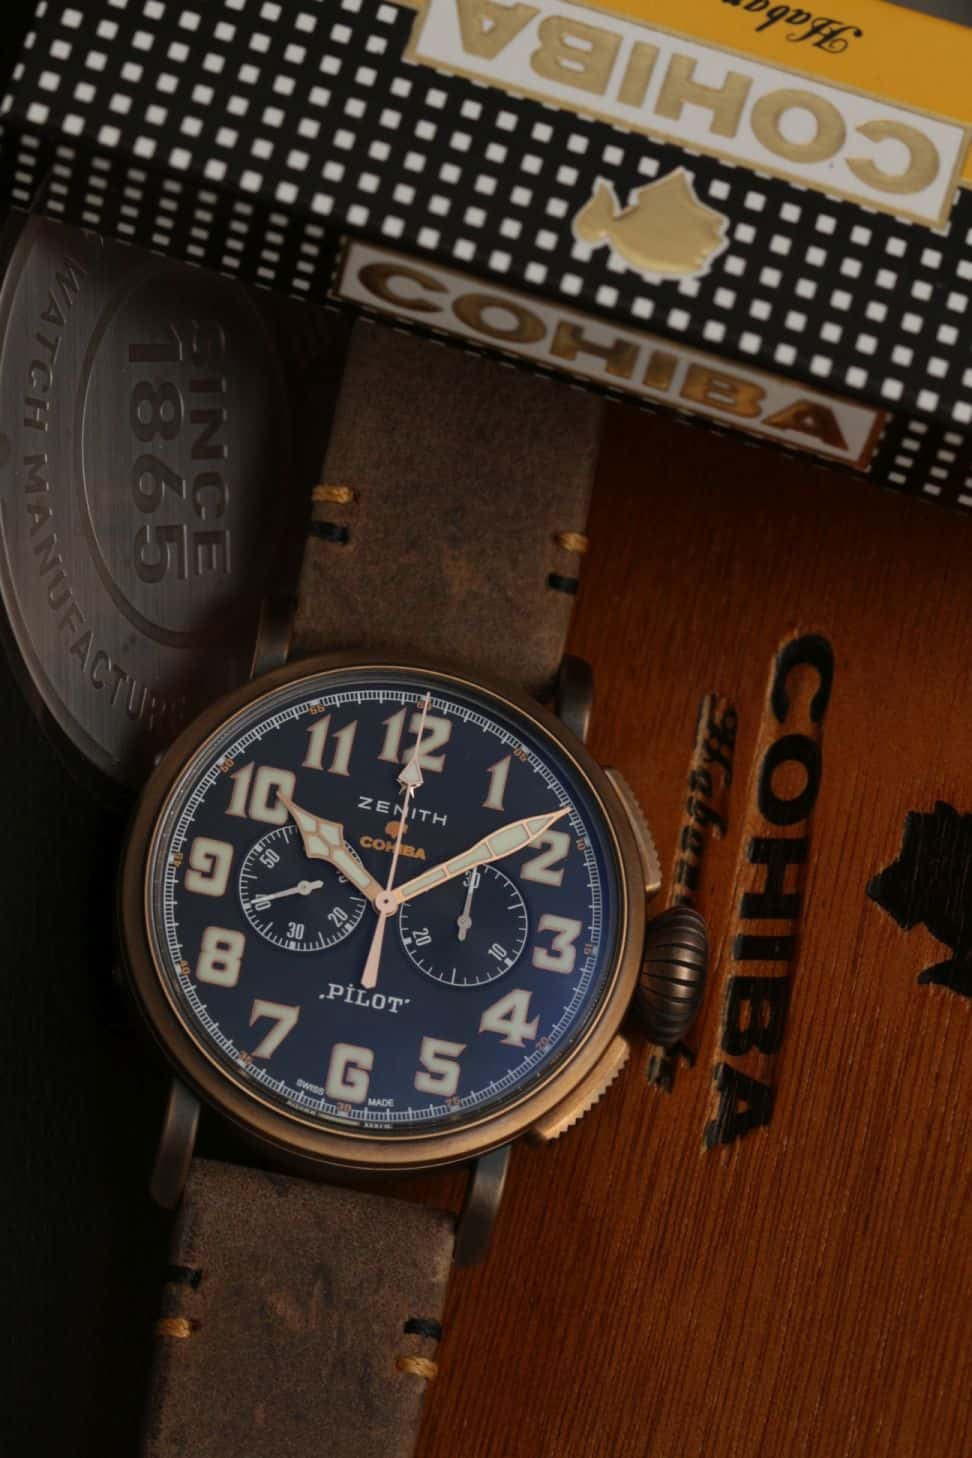 Zenith Pilot Type 20 Chronograph Cohiba-Maduro 5